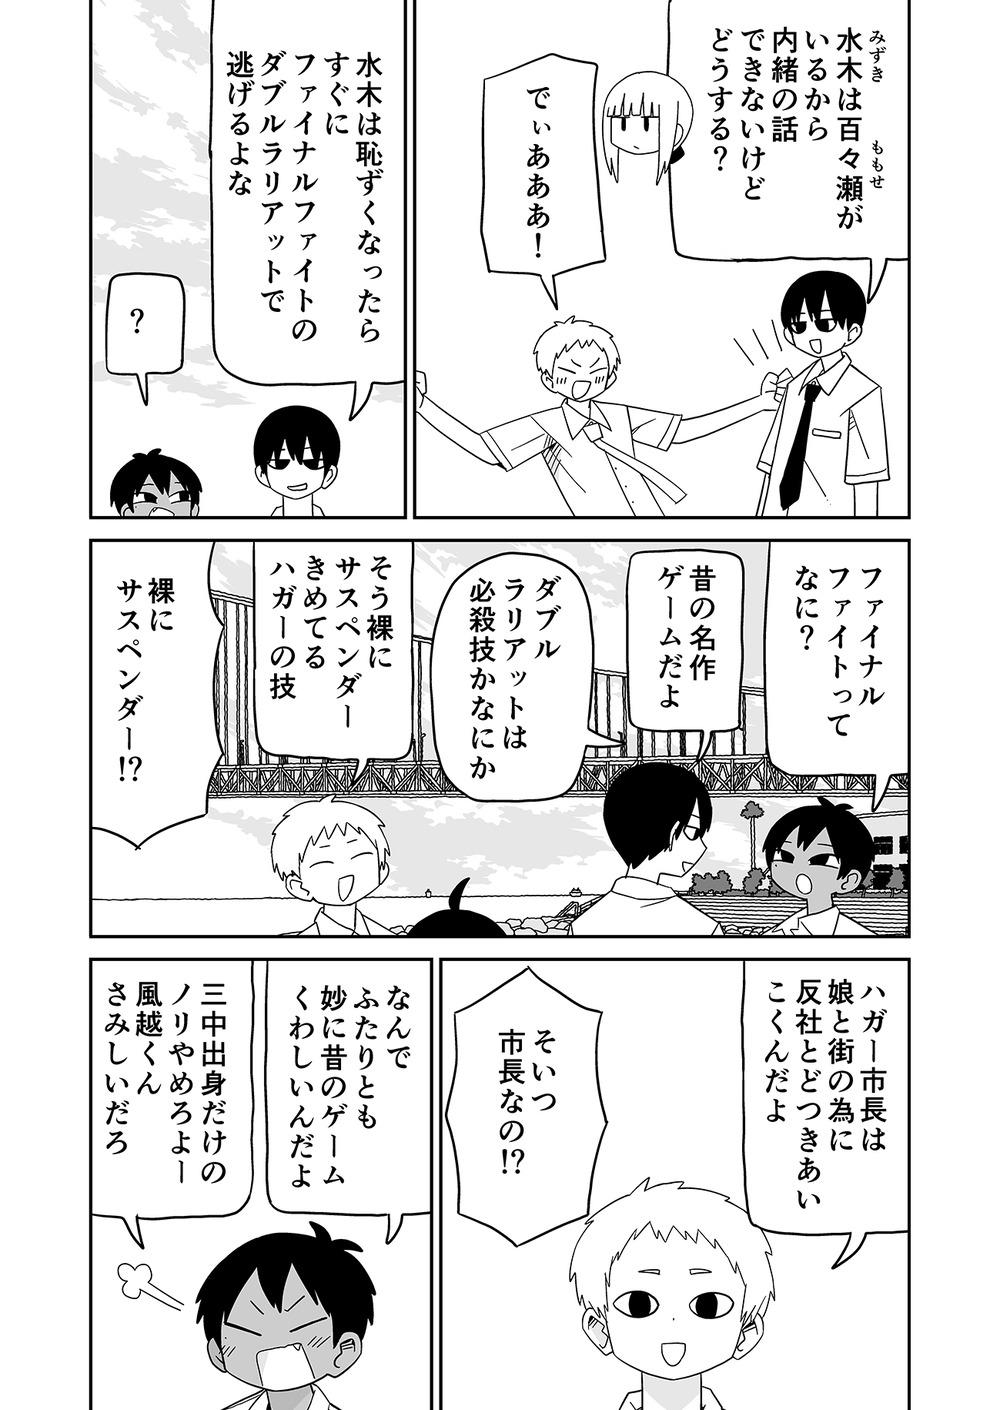 潮舞データオマケ20021